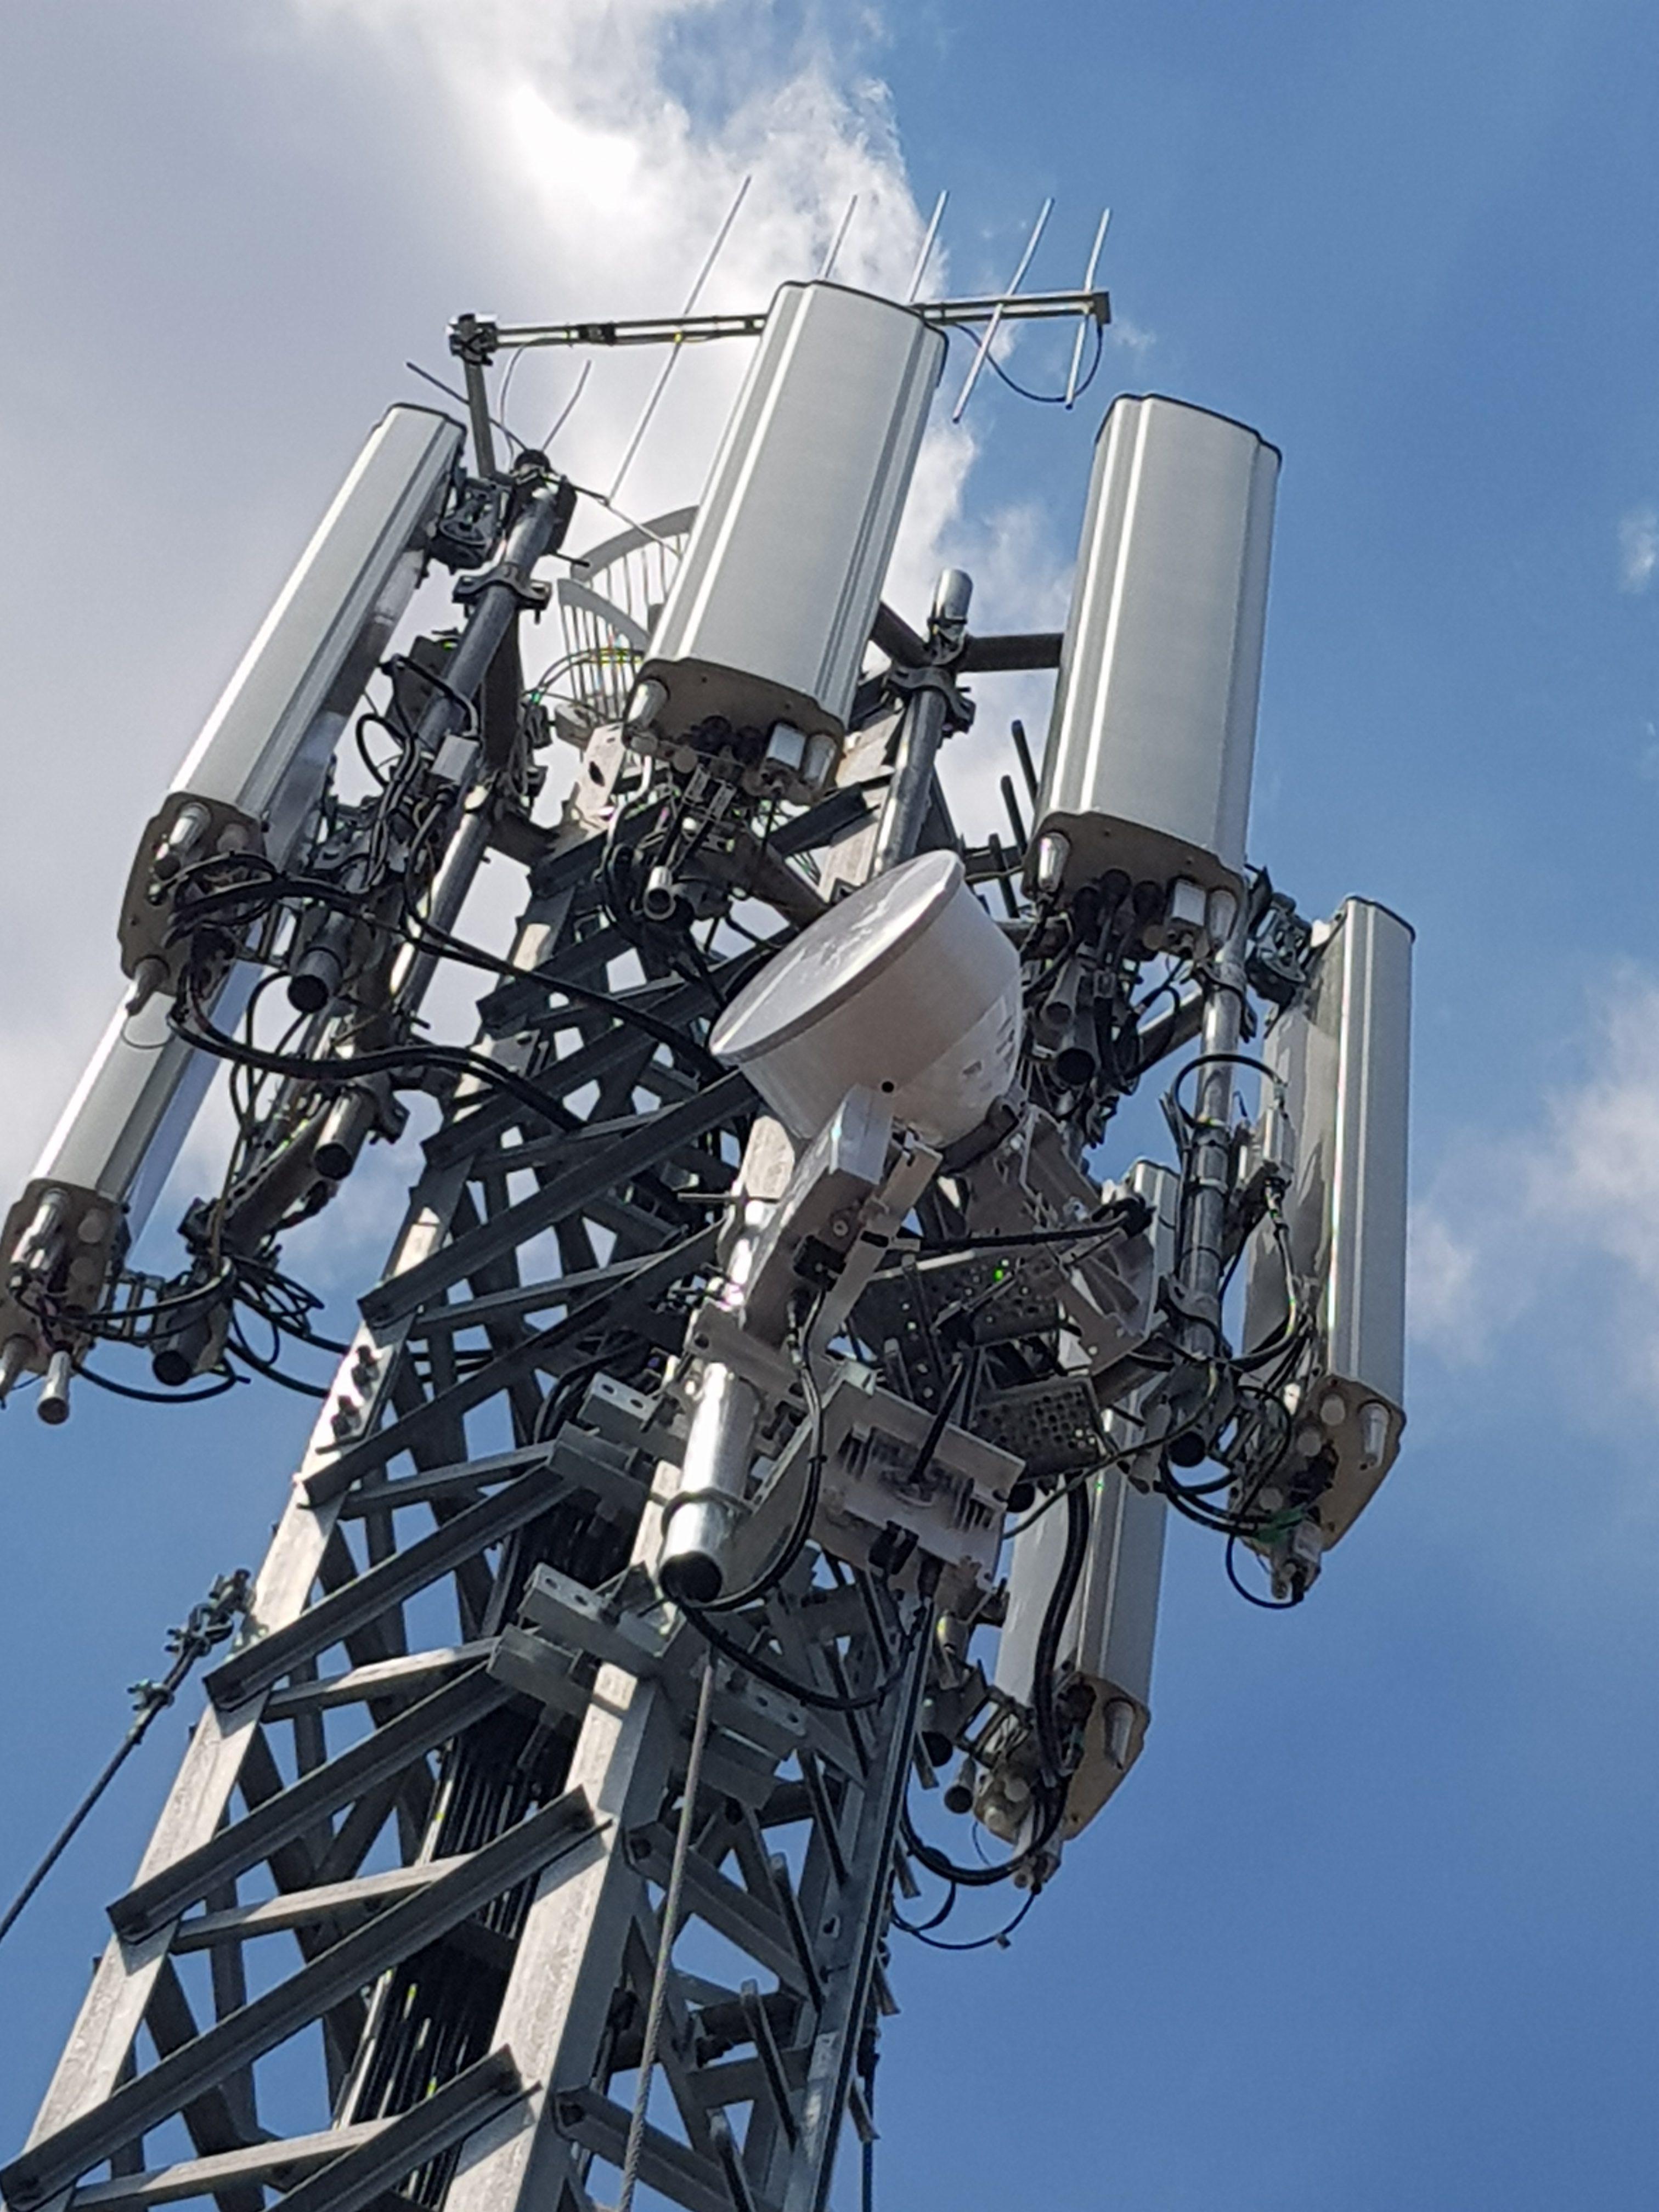 antenna consultmedia e1564561090309 - Towering. Condominio e installazione antenne sui tetti. Cassazione qualifica contratto che concede all'impresa di installare impianto. La sentenza delle S.U. n. 8434/20